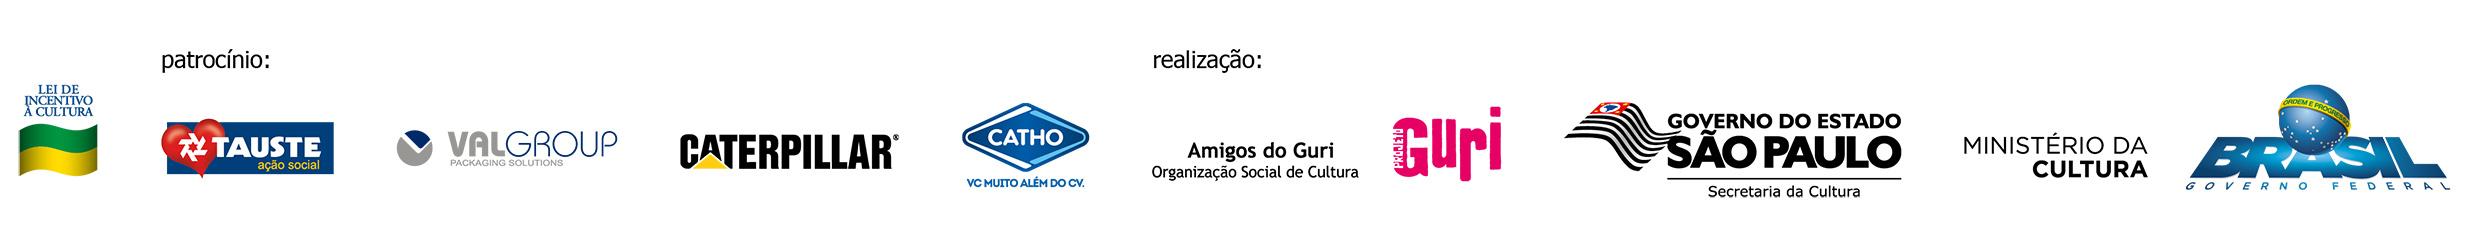 regua_grs